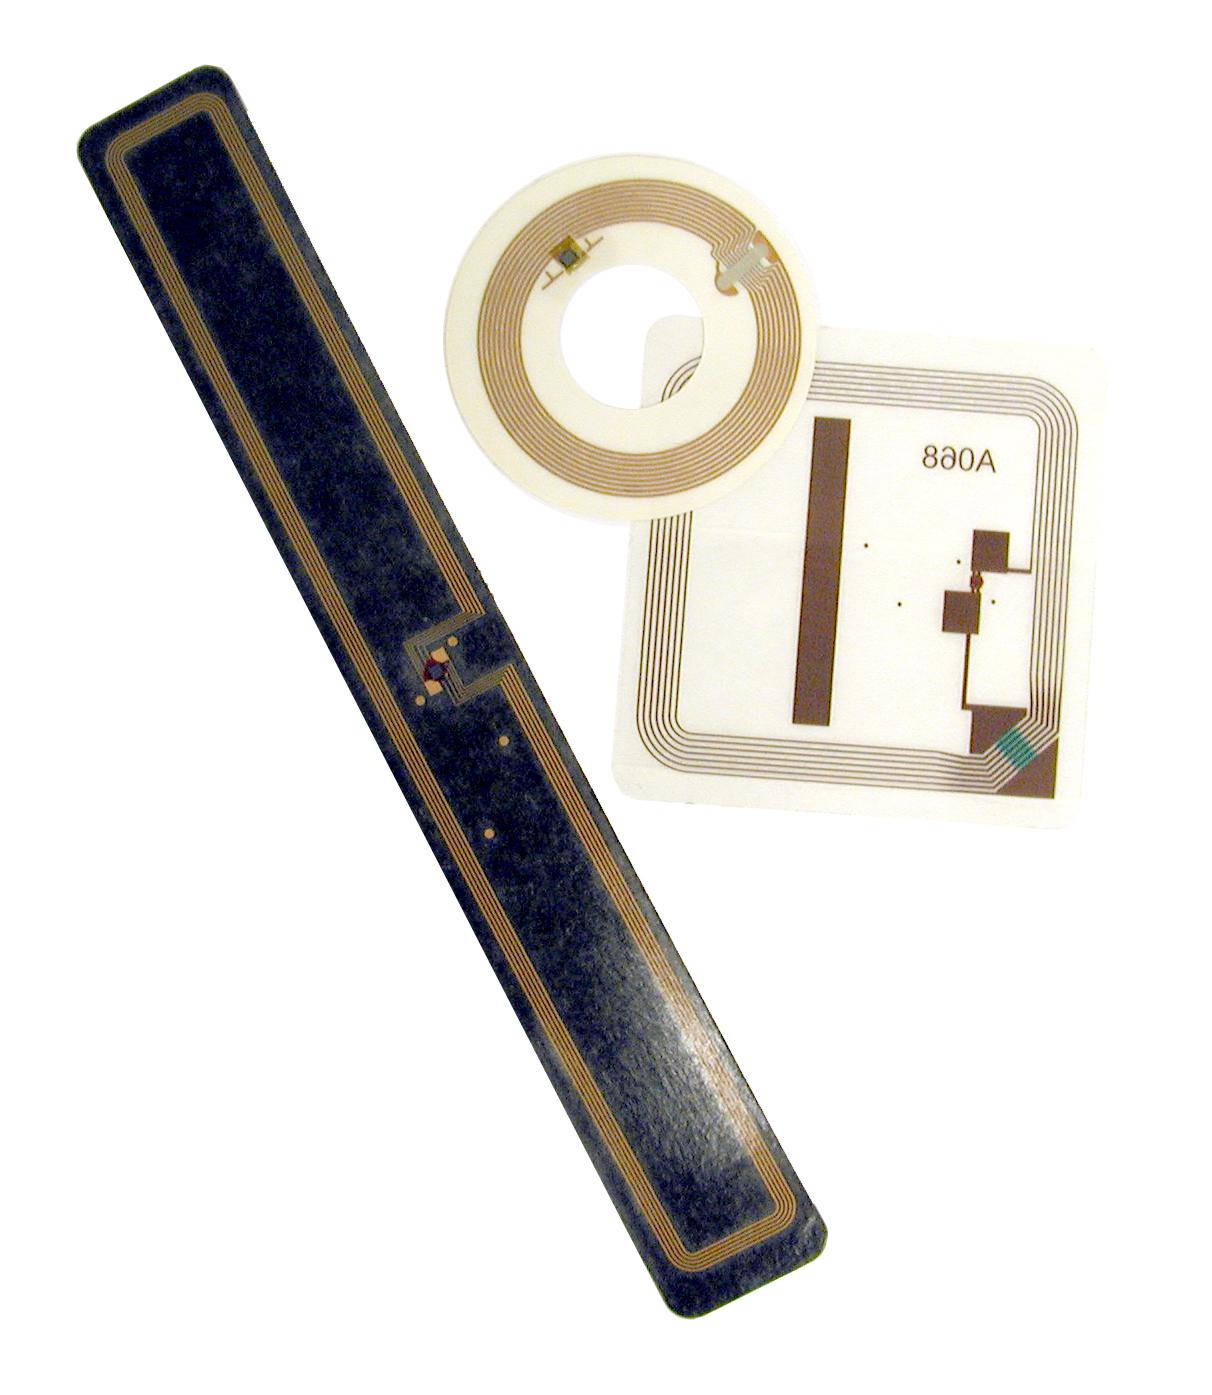 image of RFID tags